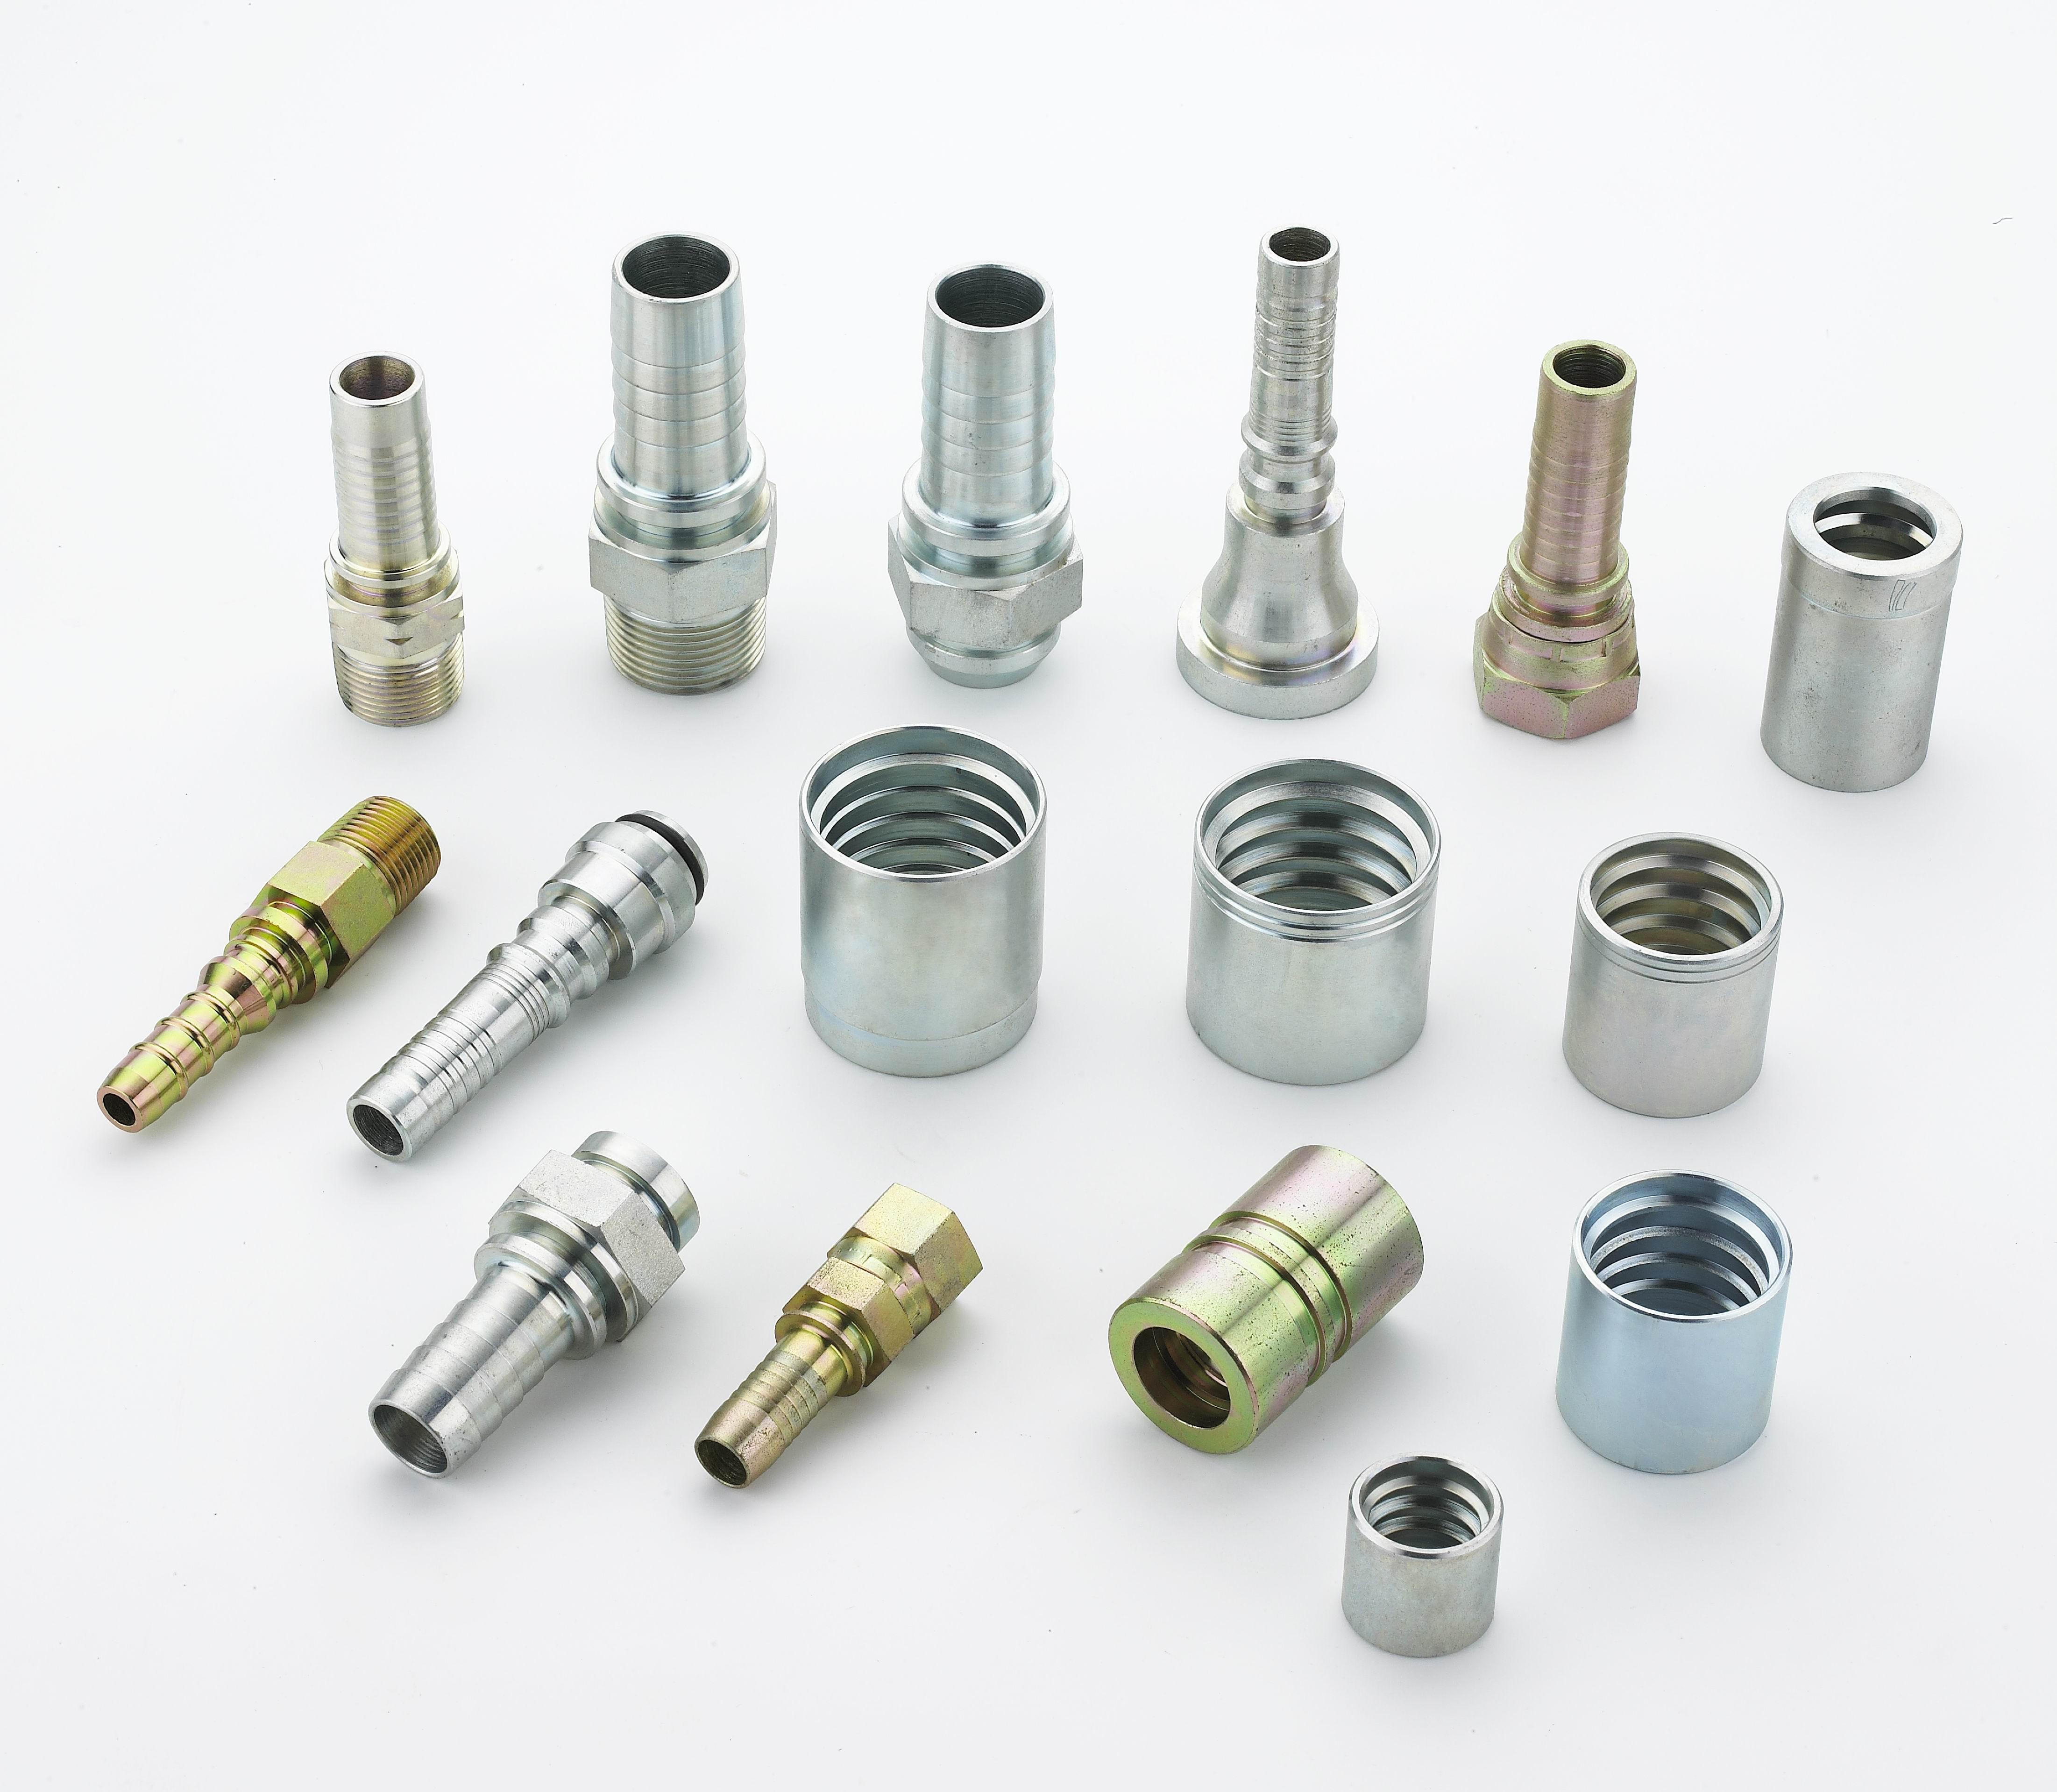 Components hidraulika lasko co